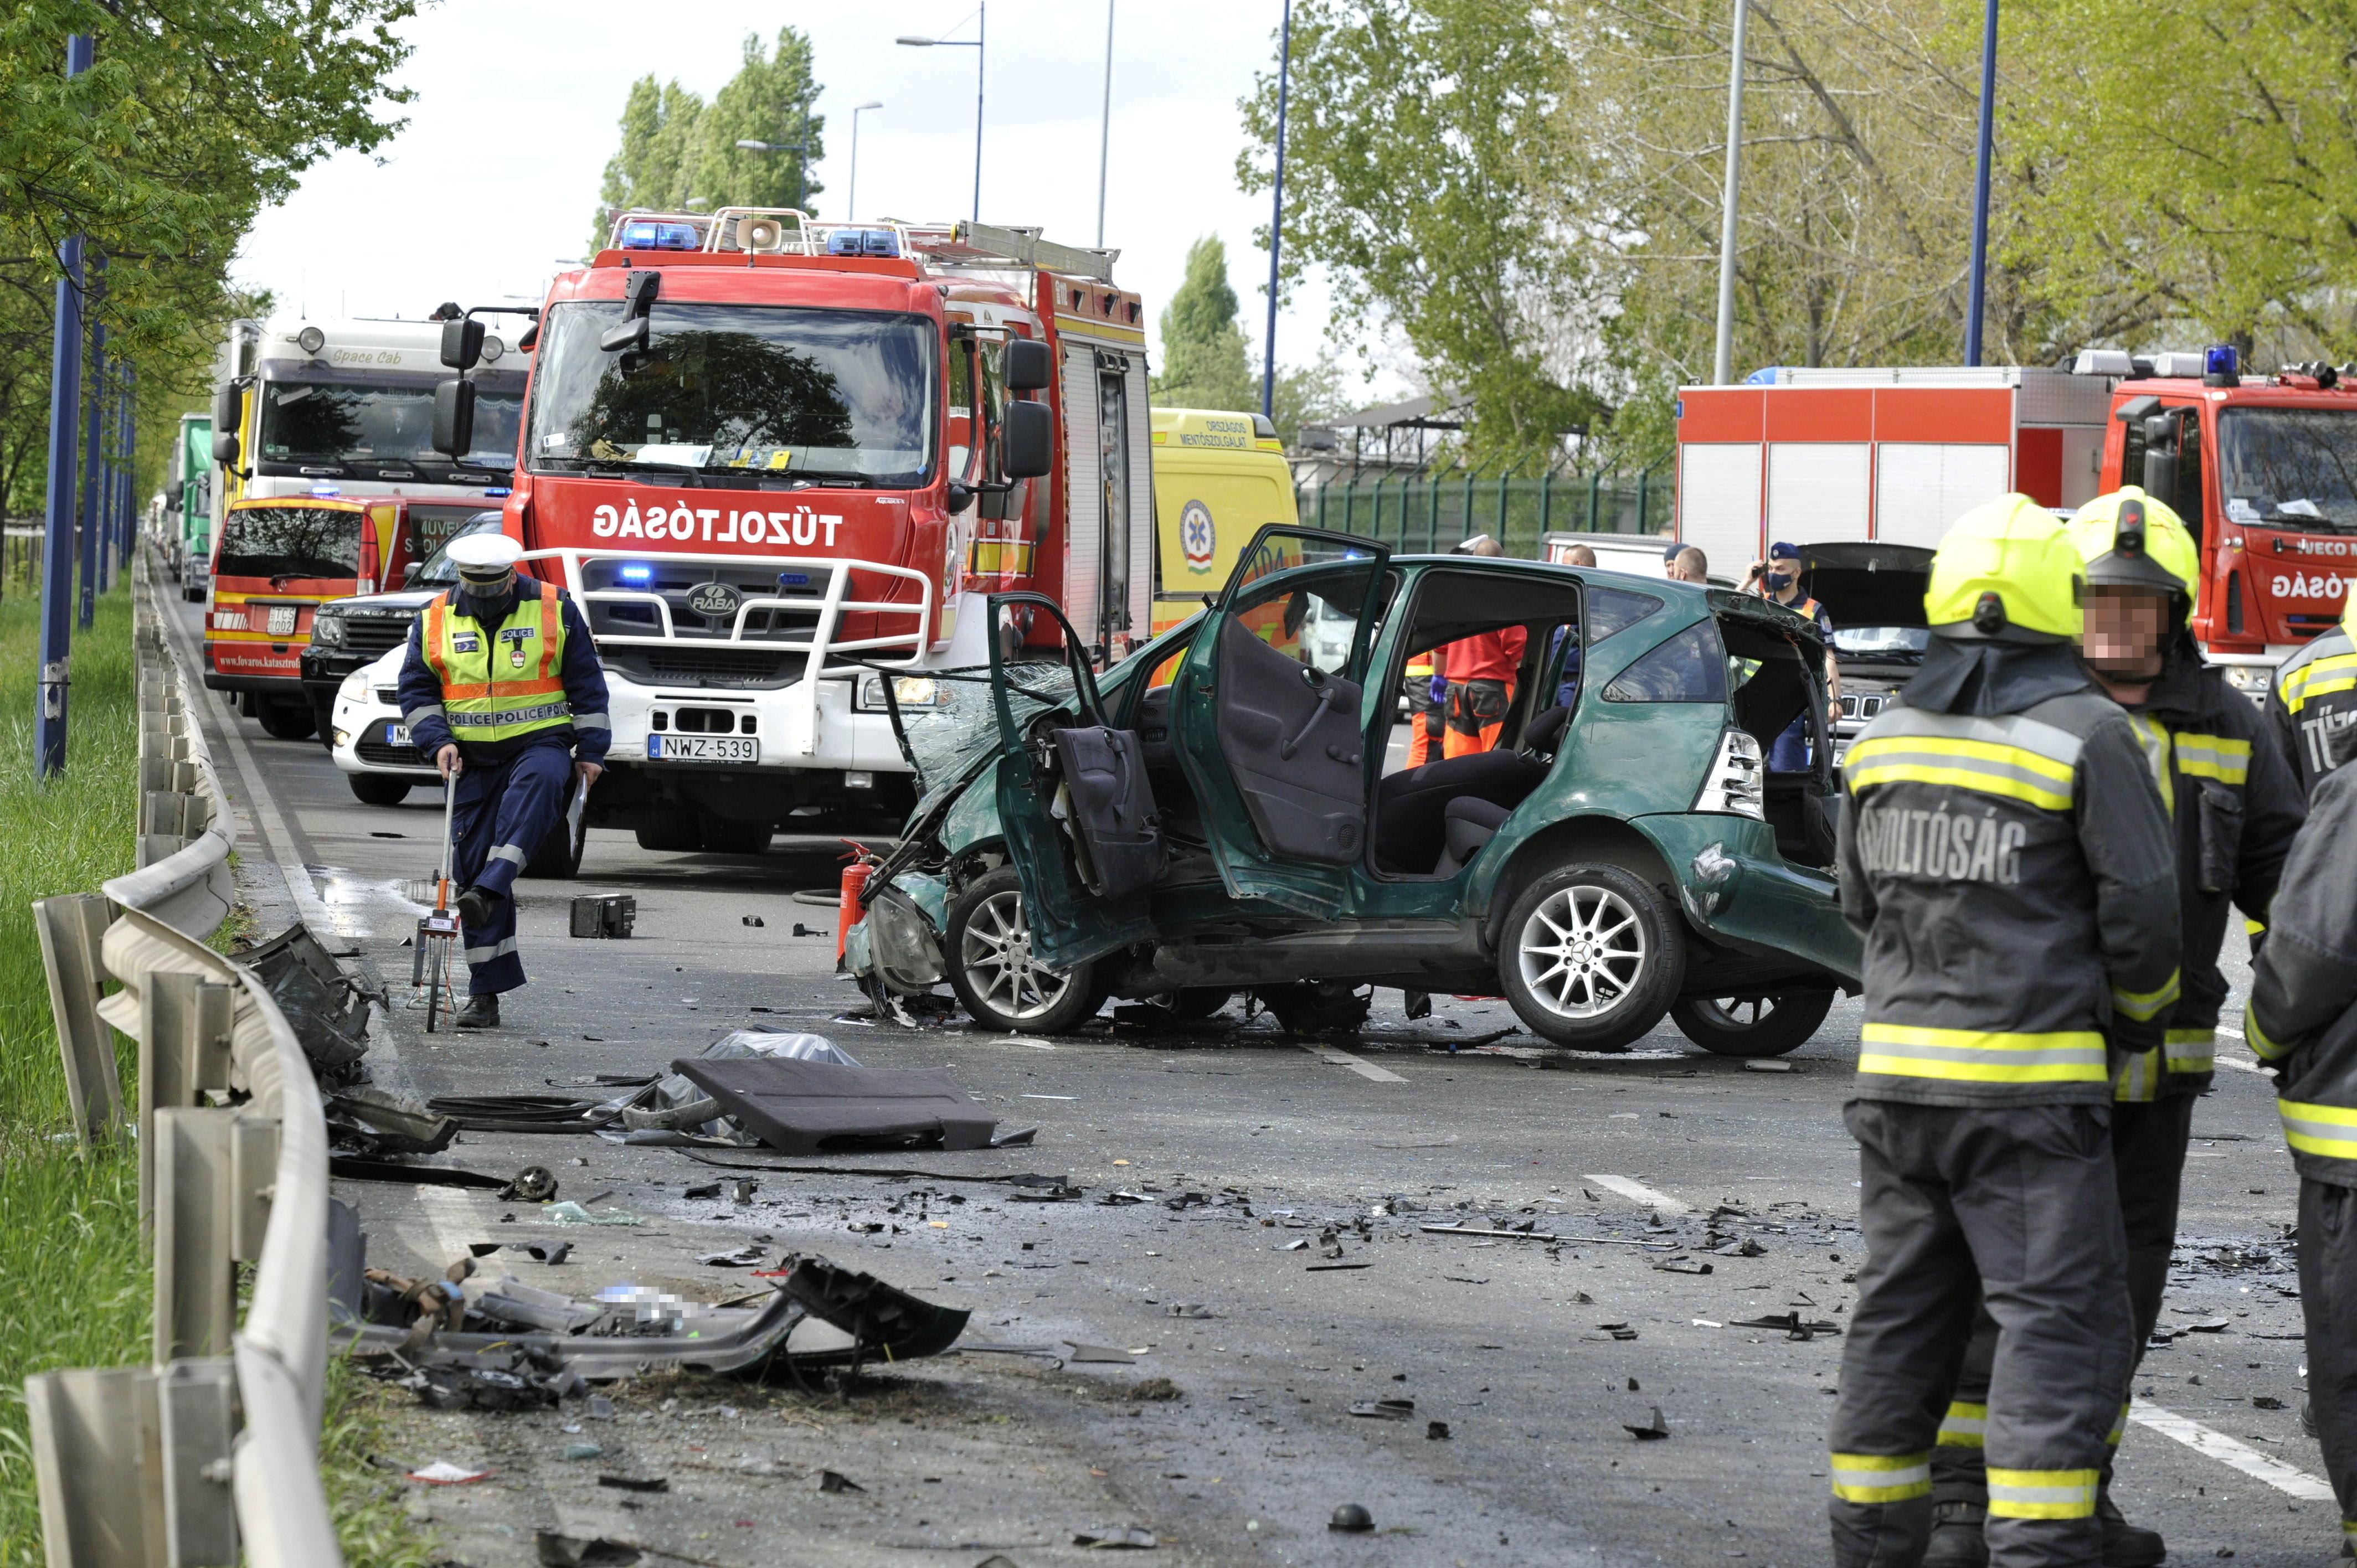 Tűzoltók is segítik a mentést a ferihegyi úti balesetben (fotó:MTI/Mihádák Zoltán)